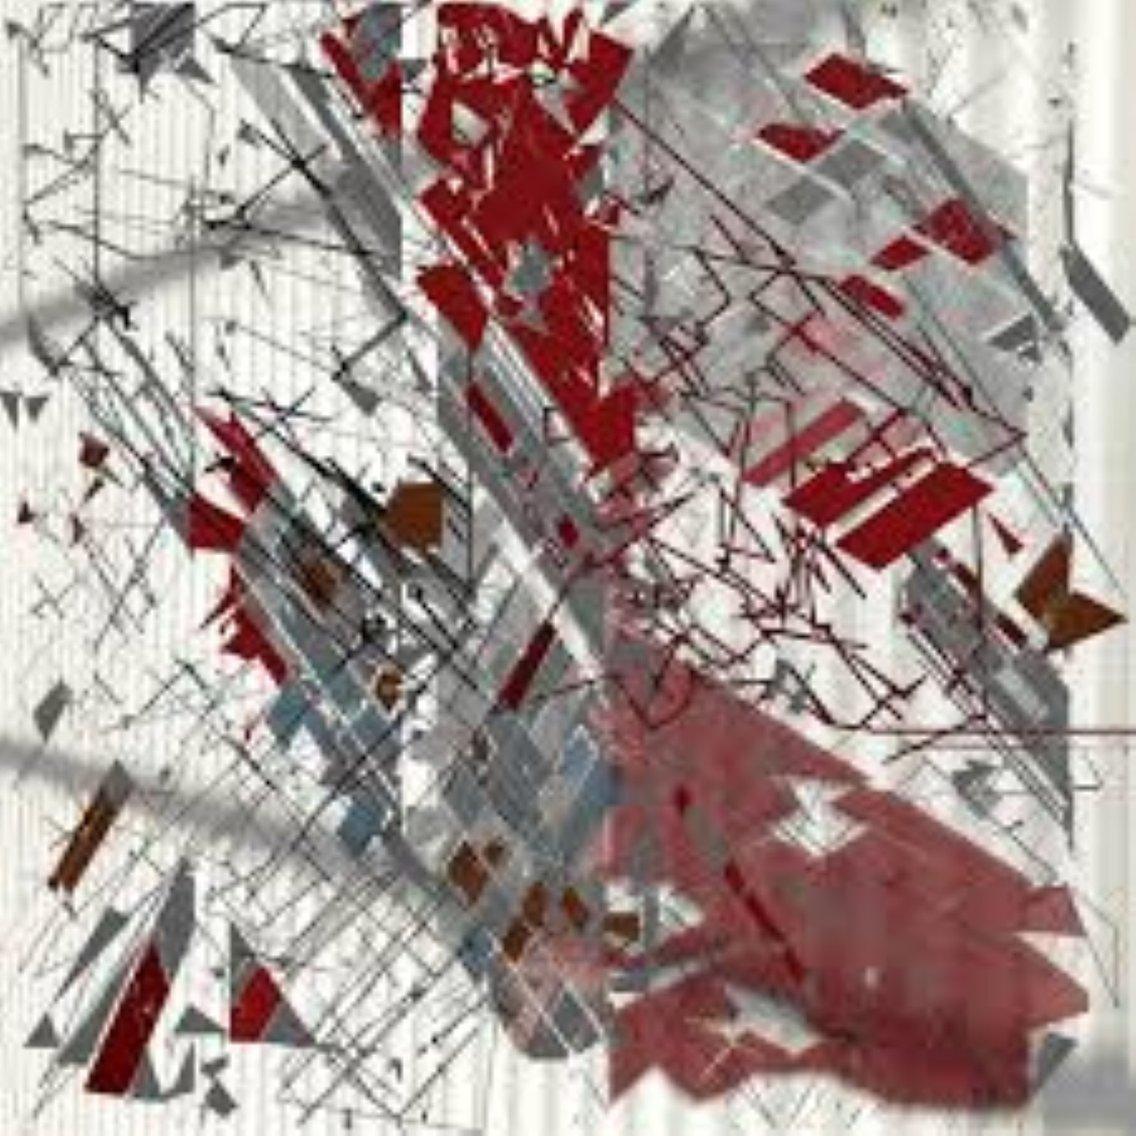 Purple Heart Radio - immagine di copertina